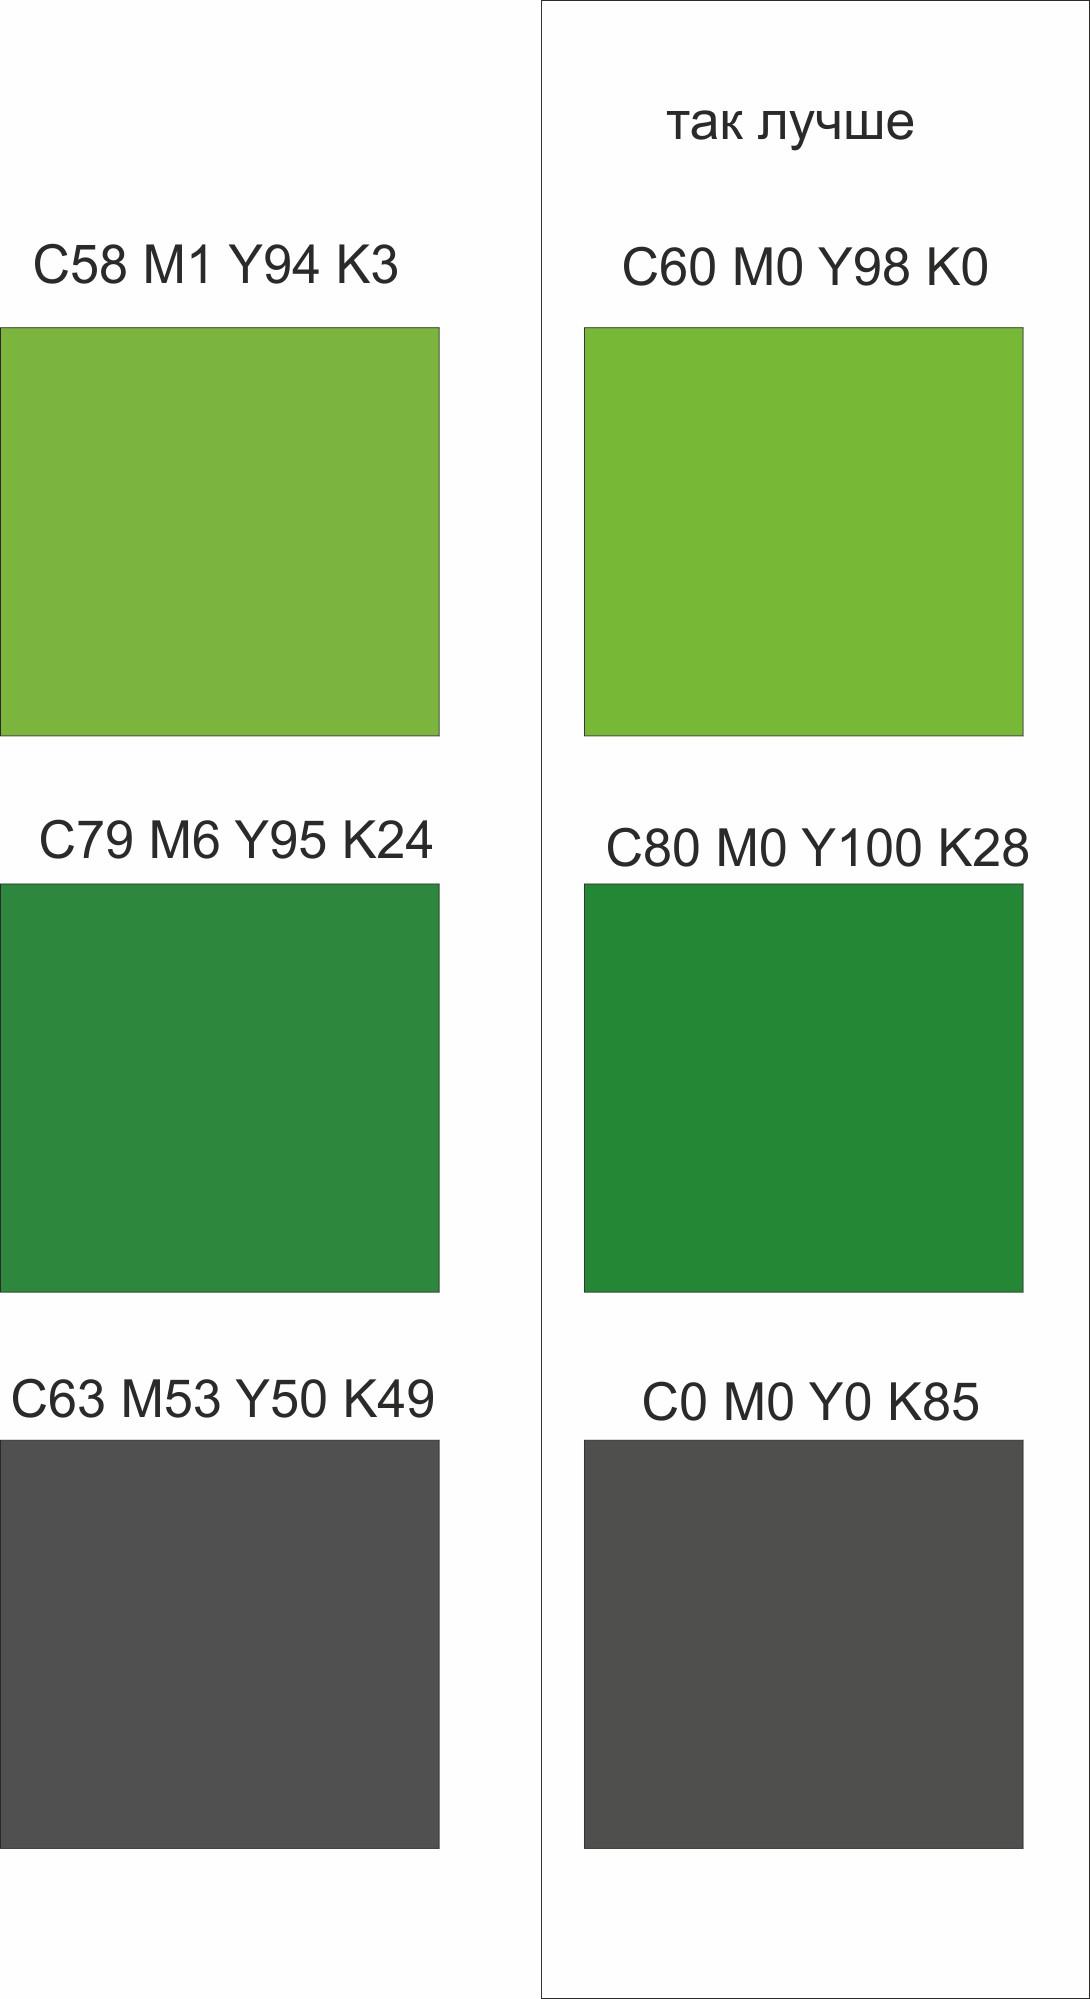 Разработка логотипа в виде хэштега #easy с зеленой колибри  фото f_0315d51108b92c48.jpg